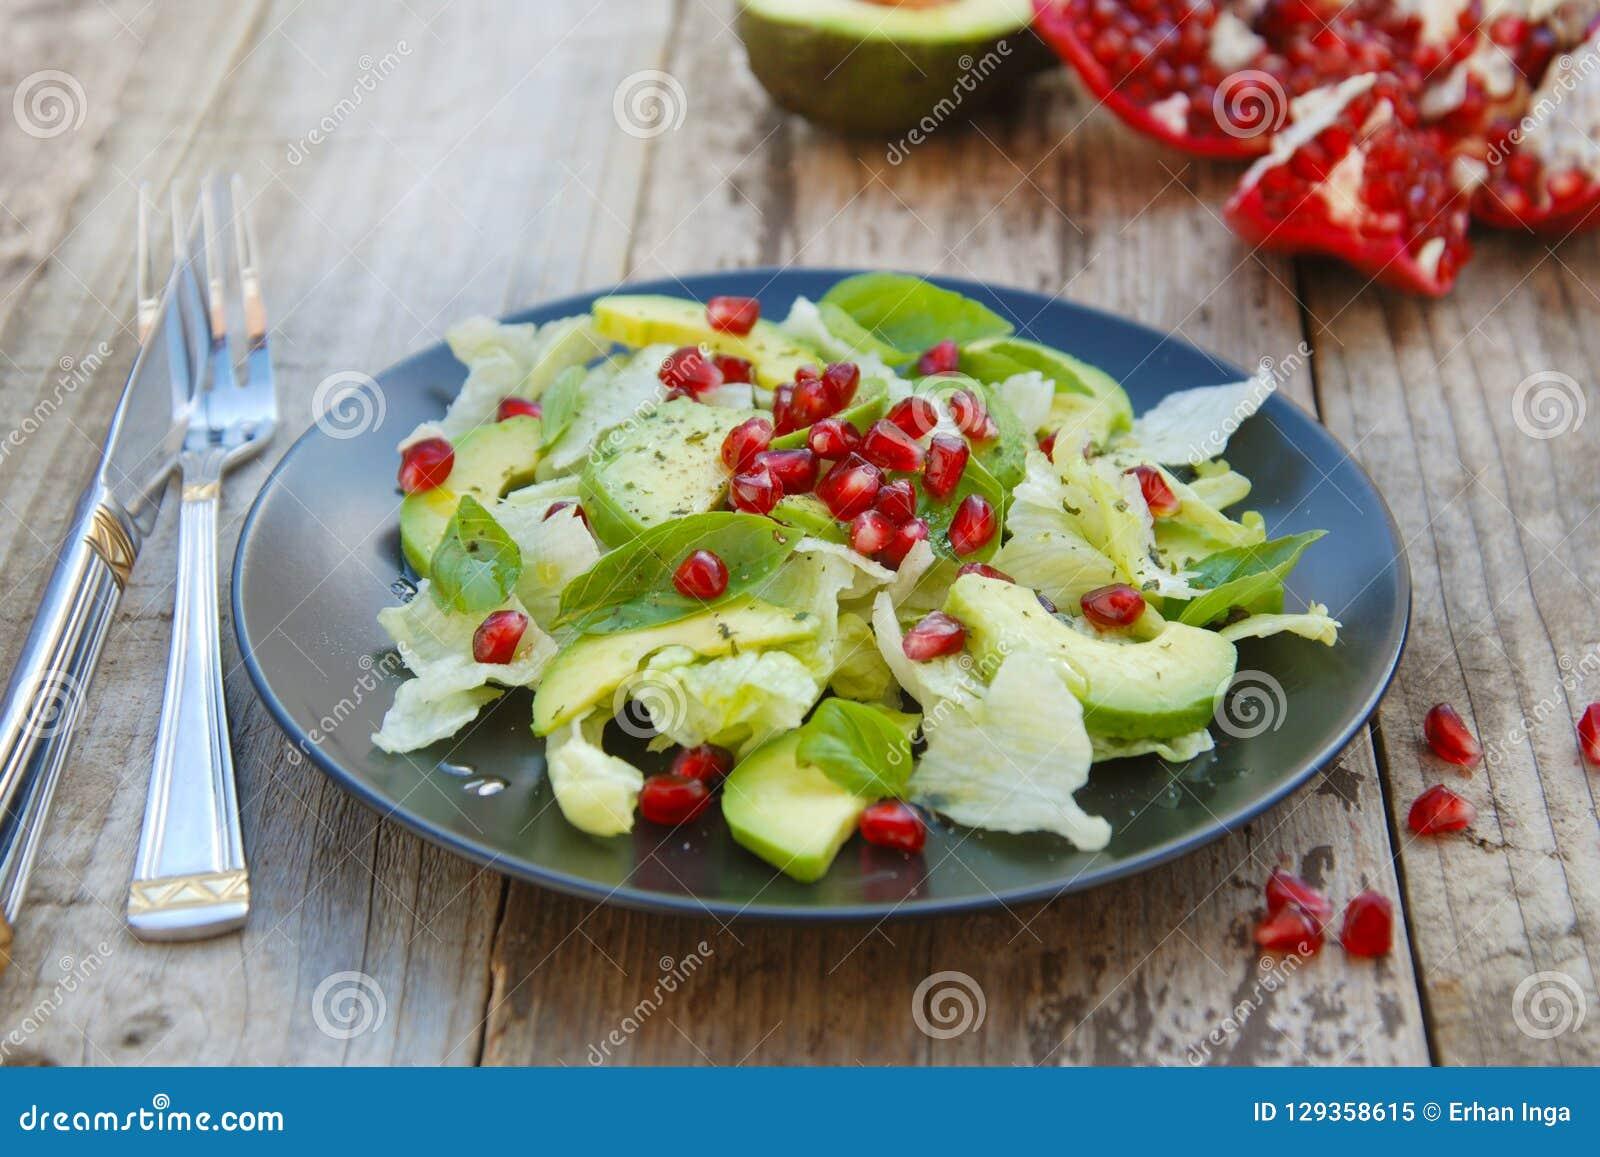 Vegetarischer Salat mit Avocado, Grüns, Blättern, Granatapfel und letuce Blättern Hölzerne rustikale Tabelle